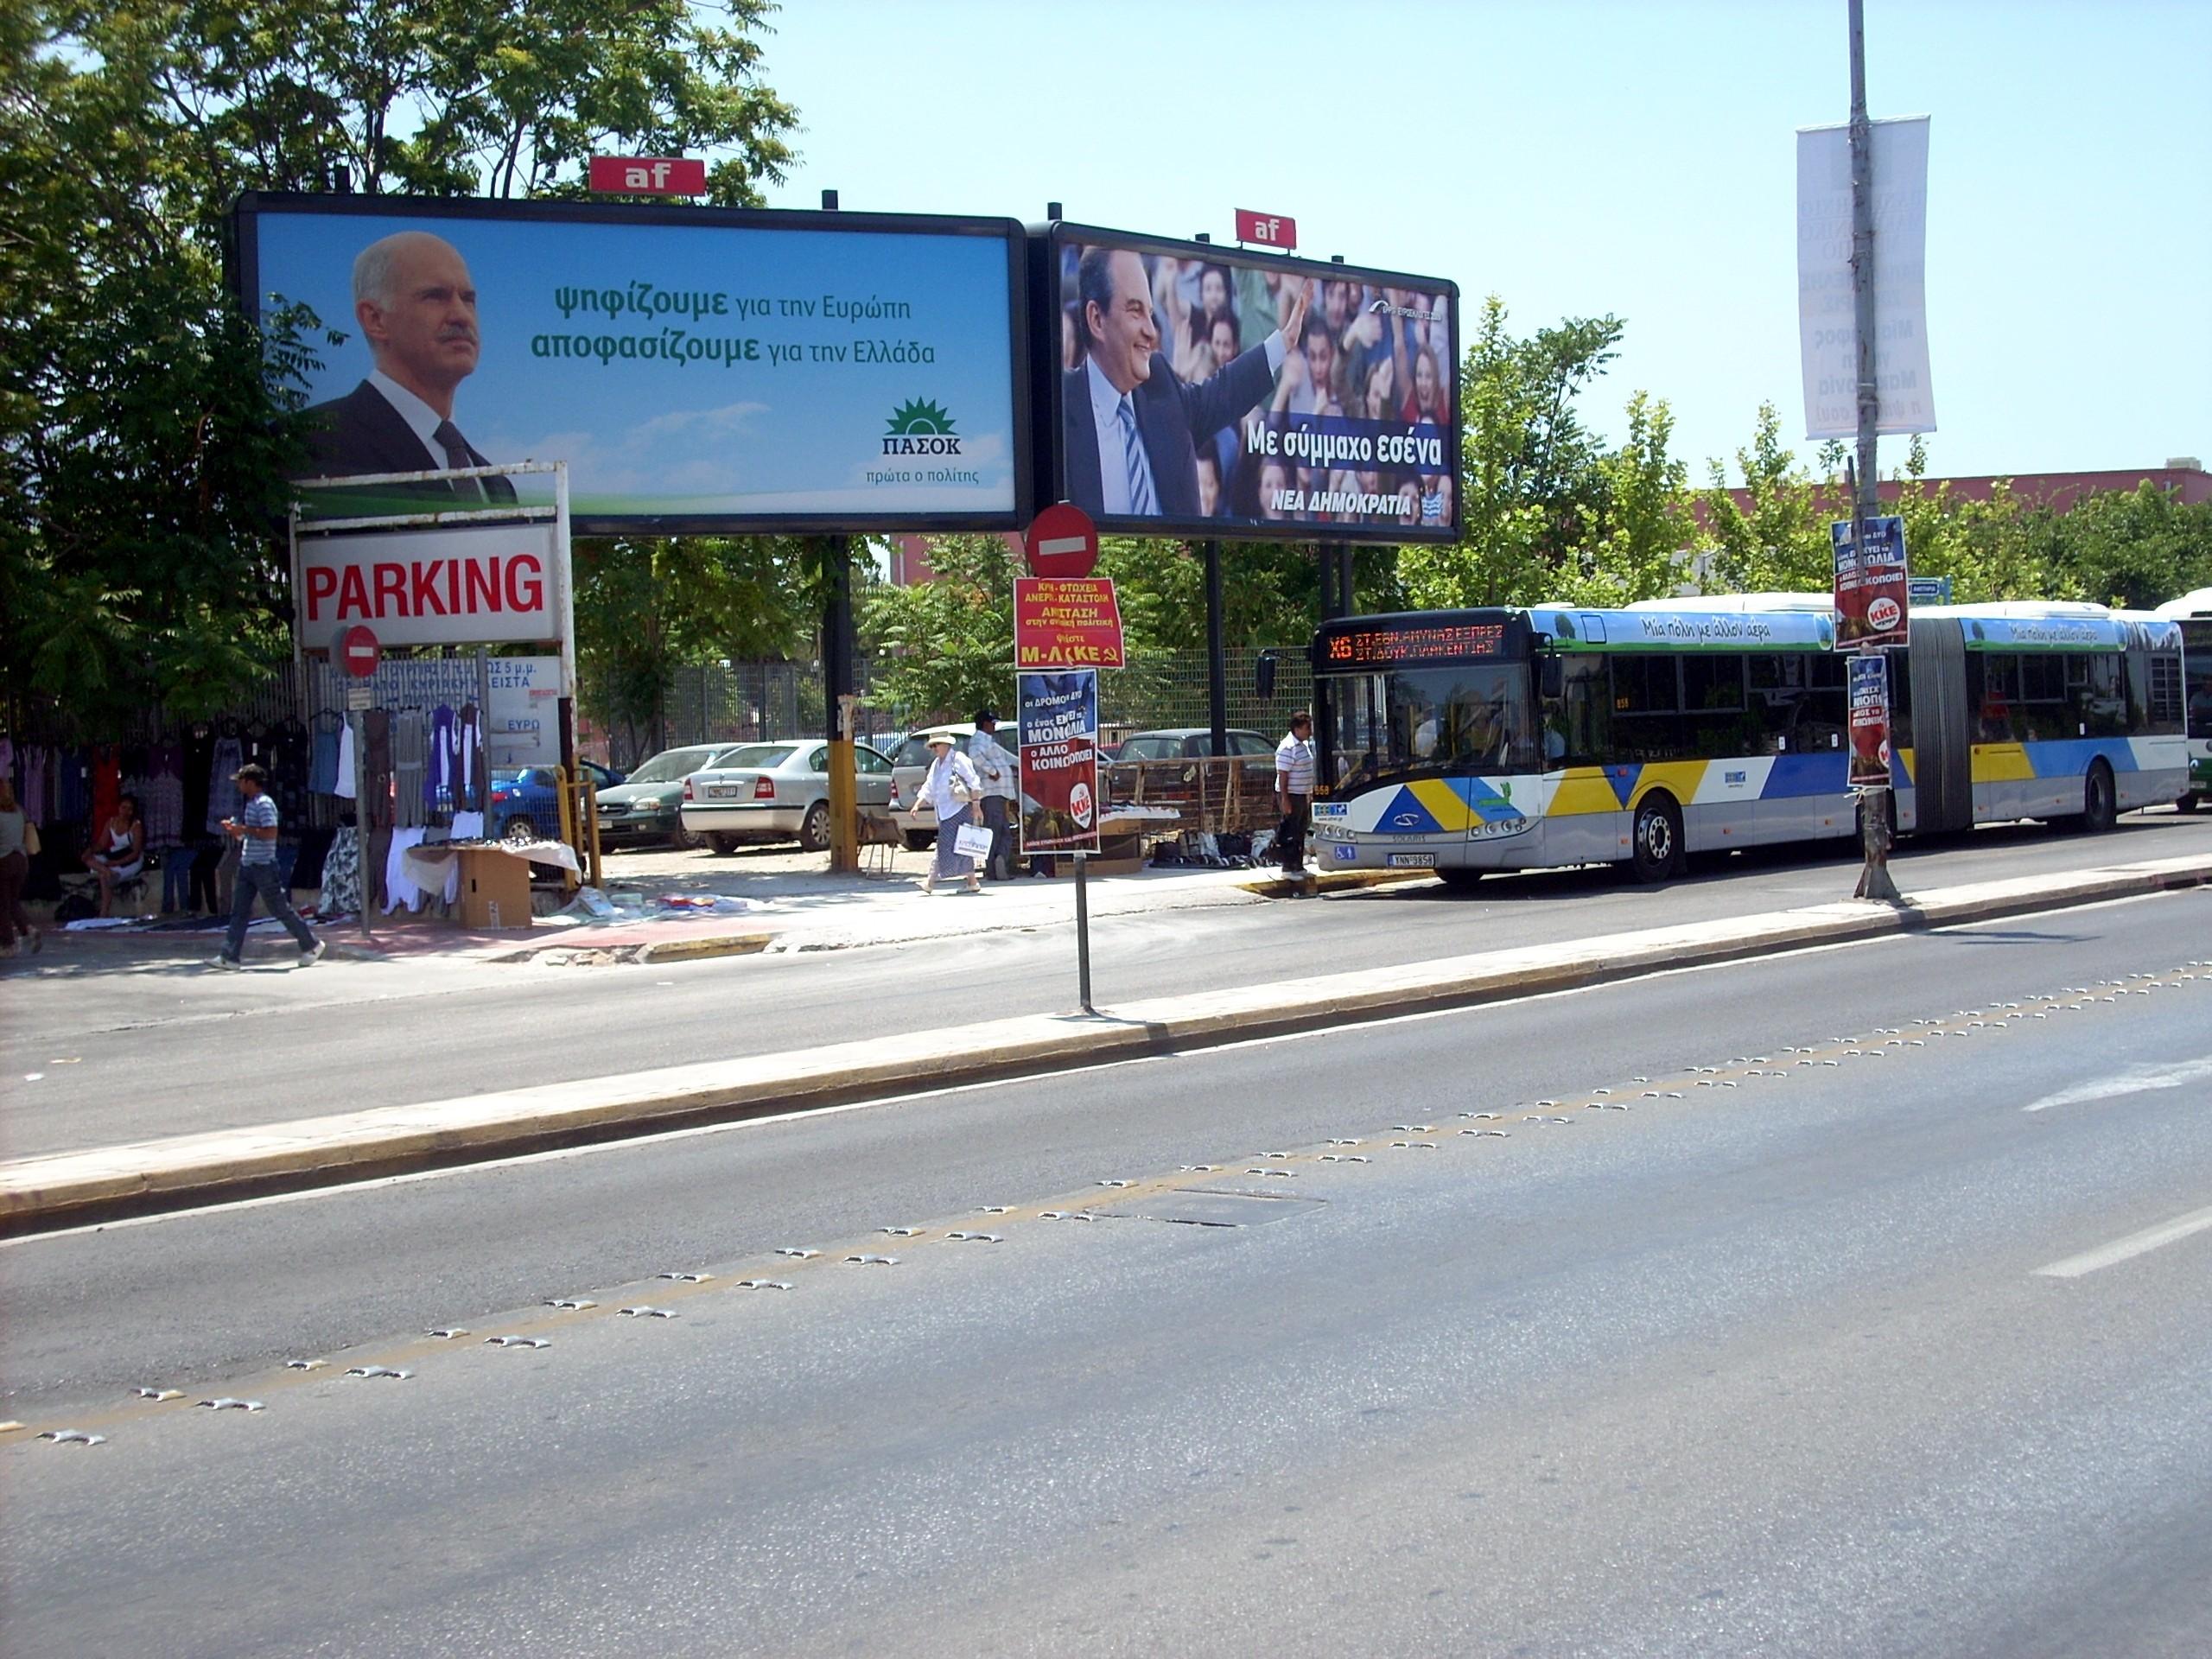 https://i2.wp.com/upload.wikimedia.org/wikipedia/commons/5/50/Bus_stop_near_Ethniki_Amina.jpg